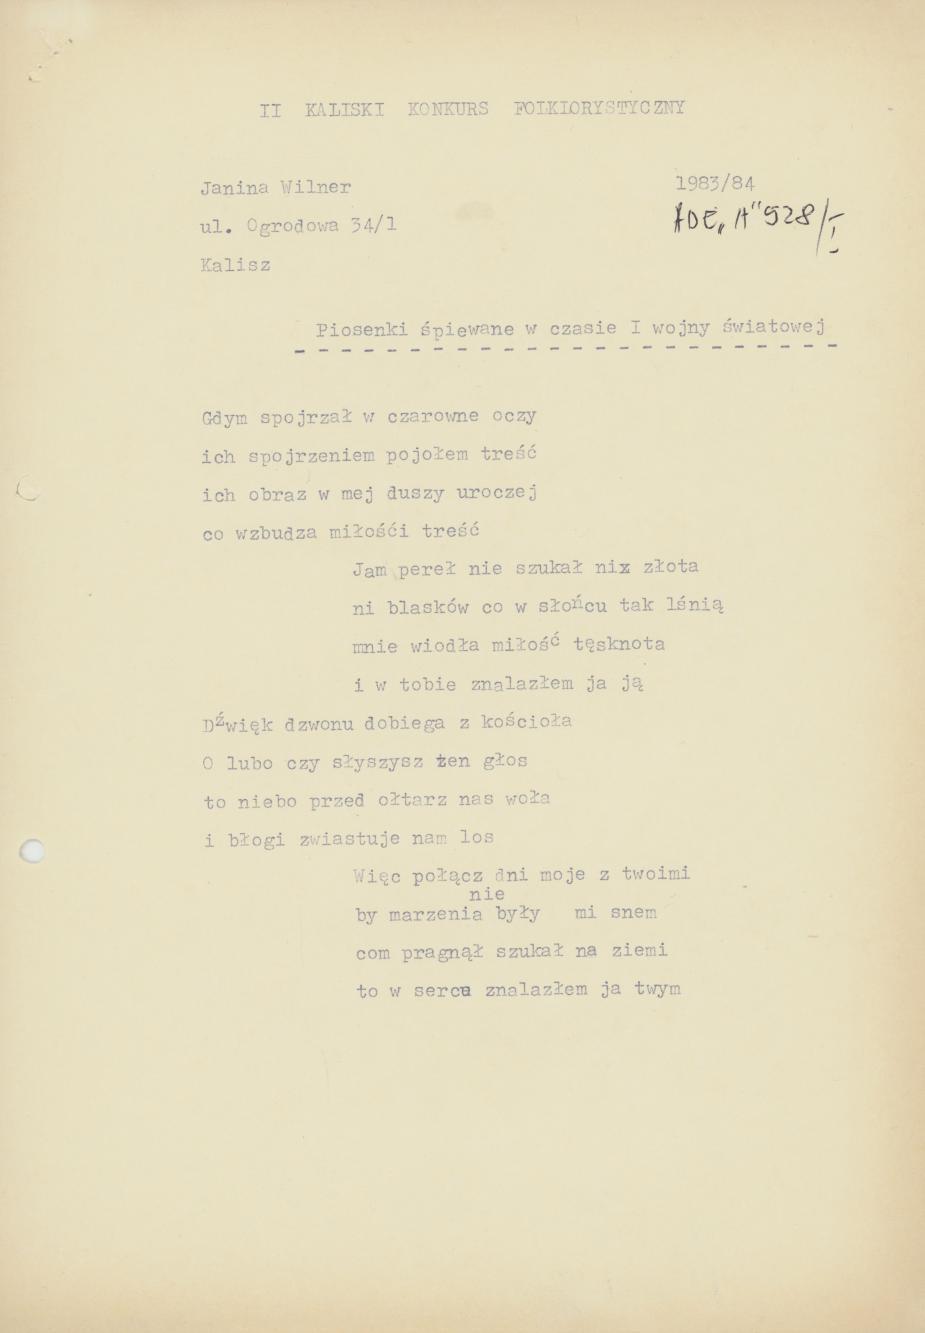 Piosenki śpiewane w czasie I wojny światowej